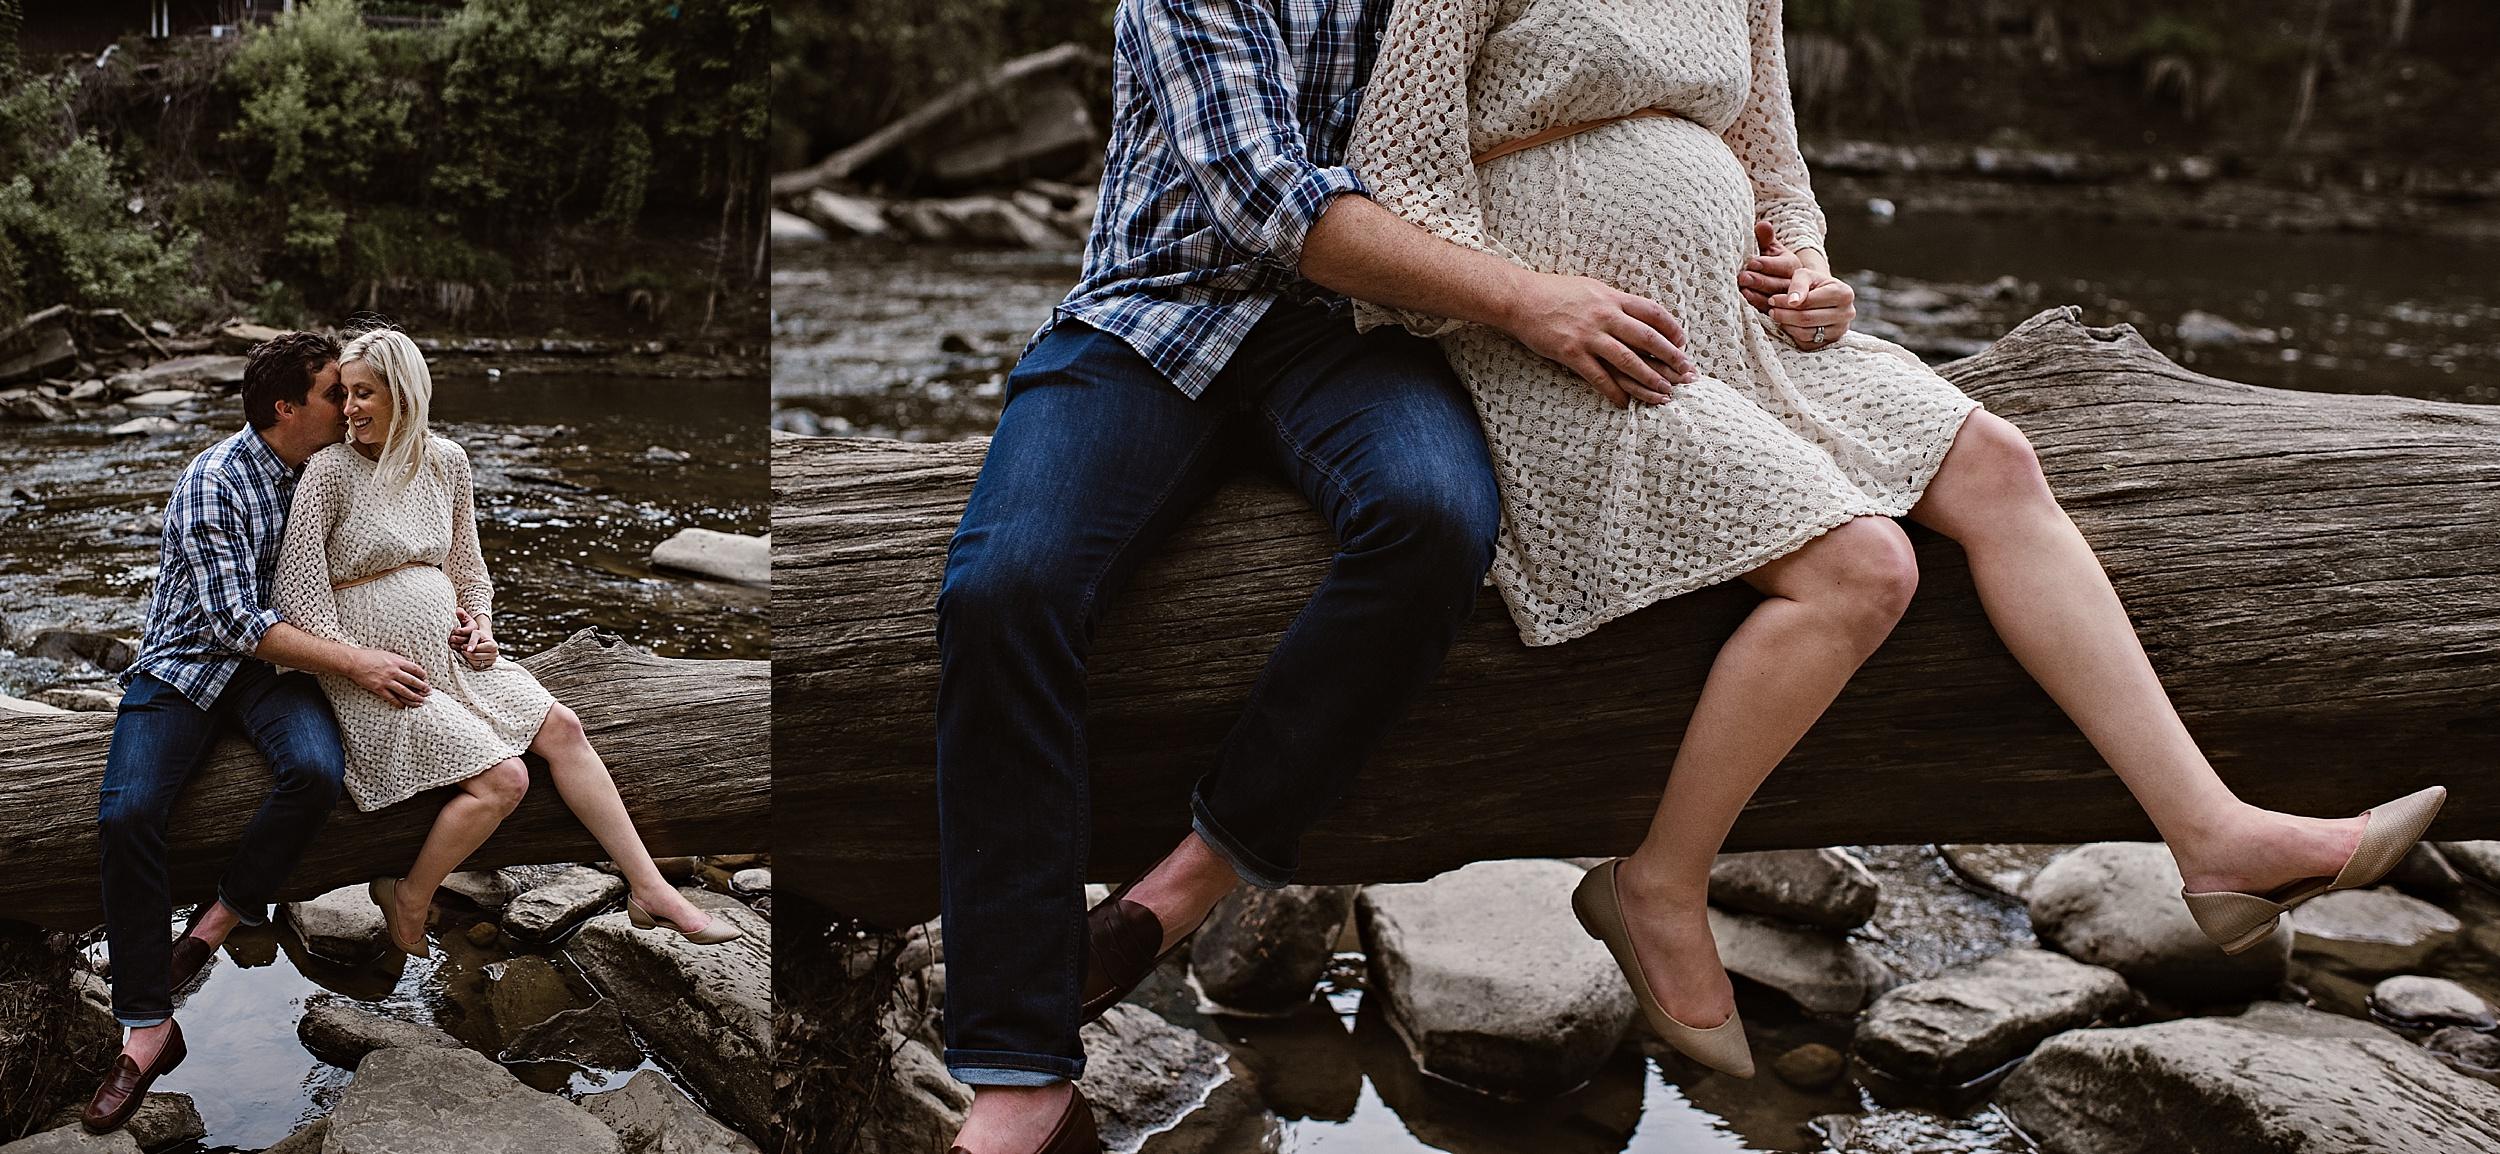 lauren-grayson-photography-portrait-artist-akron-cleveland-ohio-photographer-growth-comparison-breakout-clickin-moms_0139.jpg